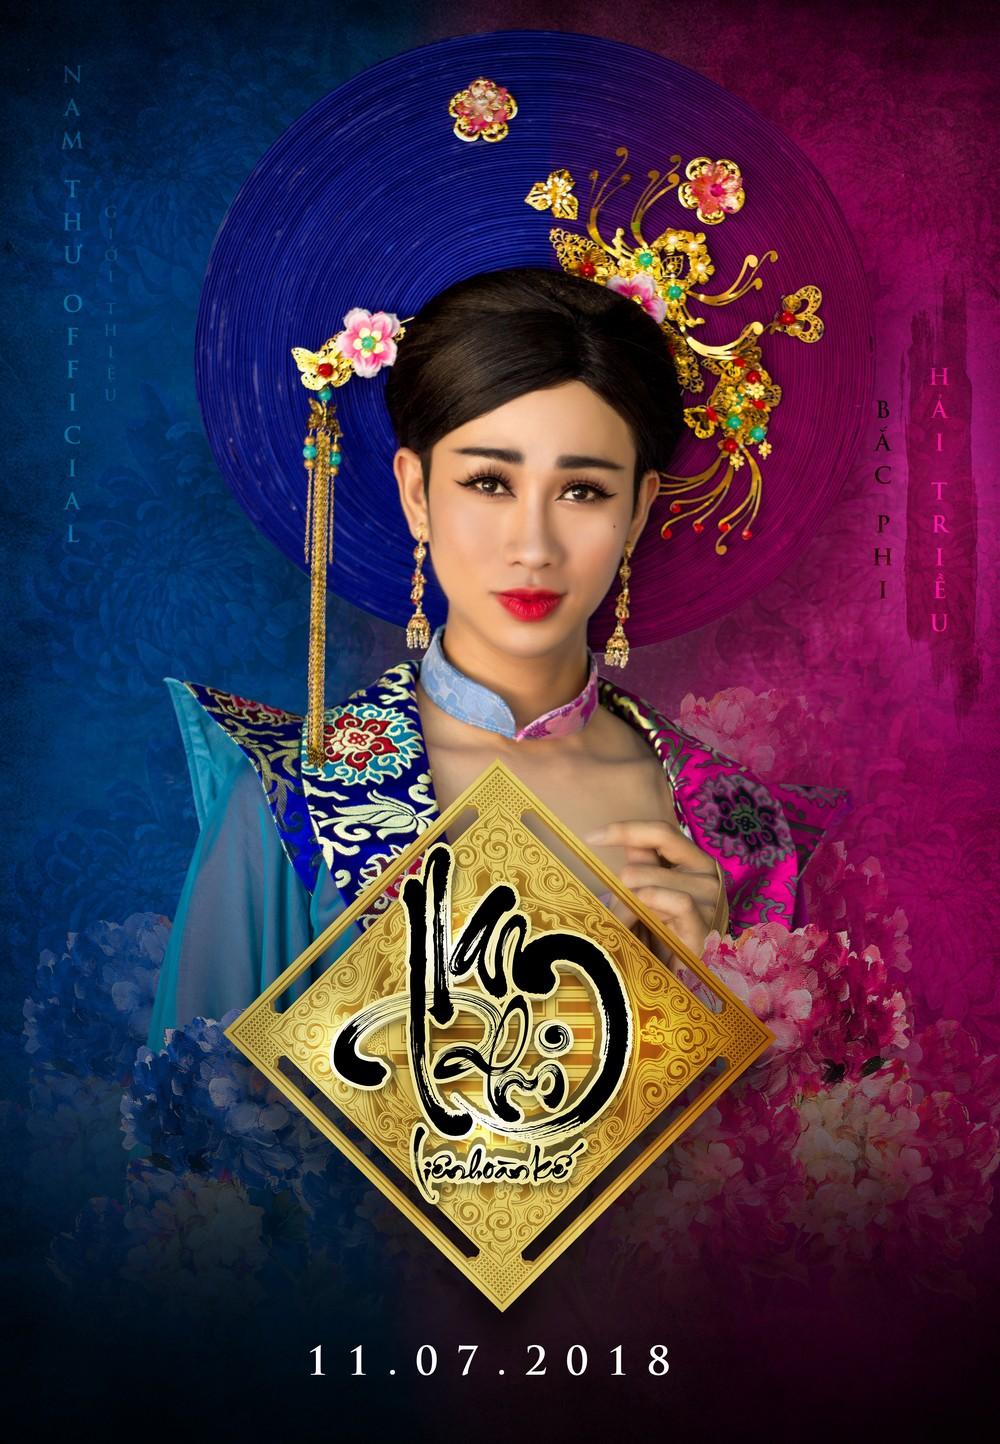 Sau Chị 13 của Thu Trang, lại đến lượt phim hậu cung của Nam Thư gây sốt  - Ảnh 6.